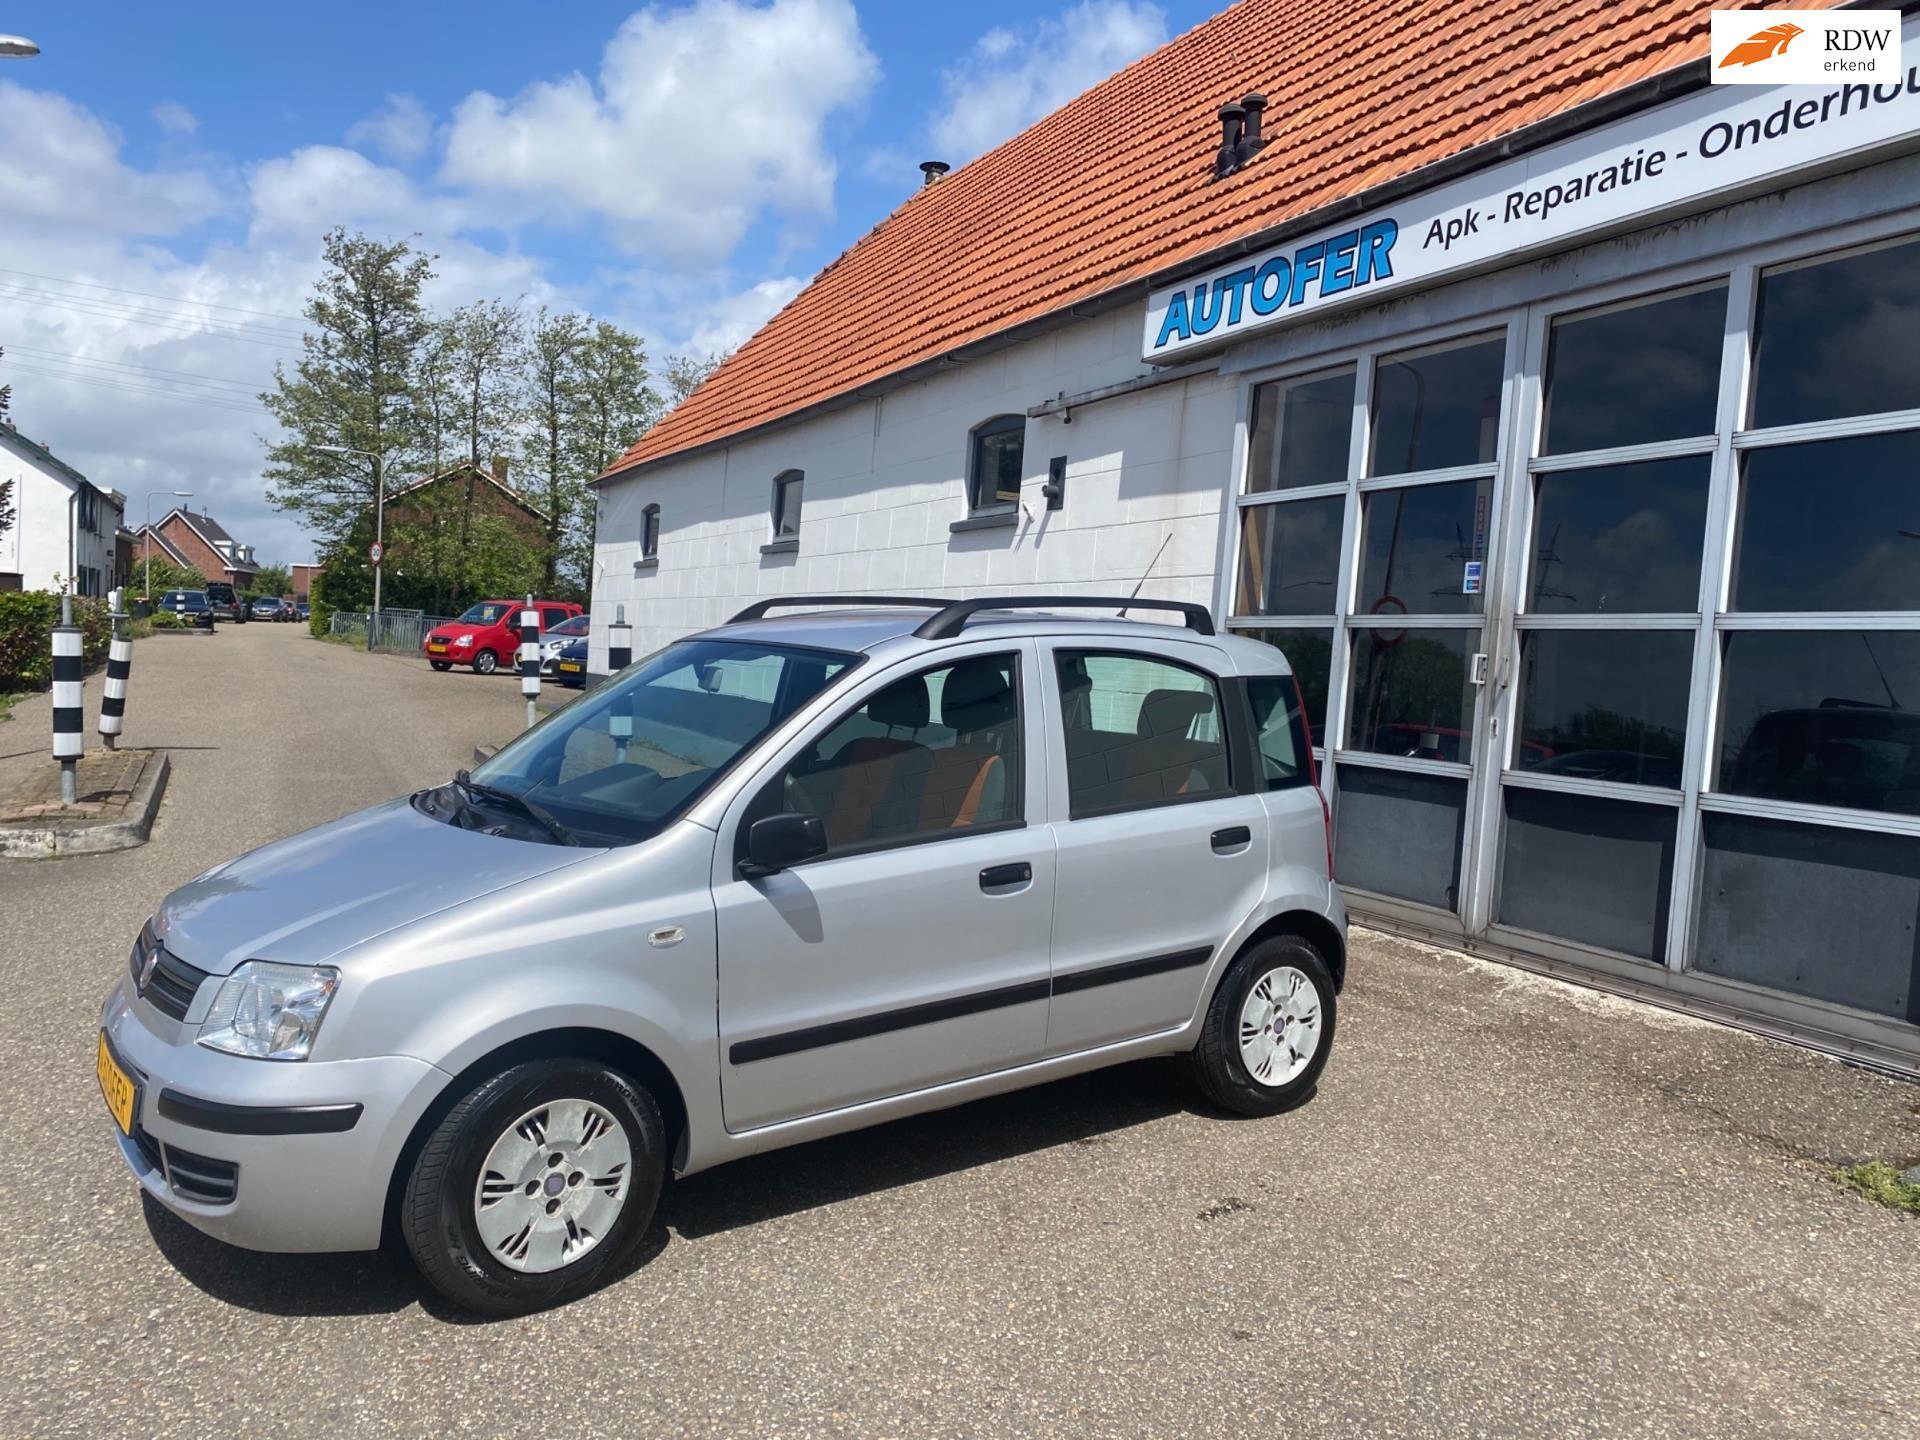 Fiat Panda occasion - Autofer